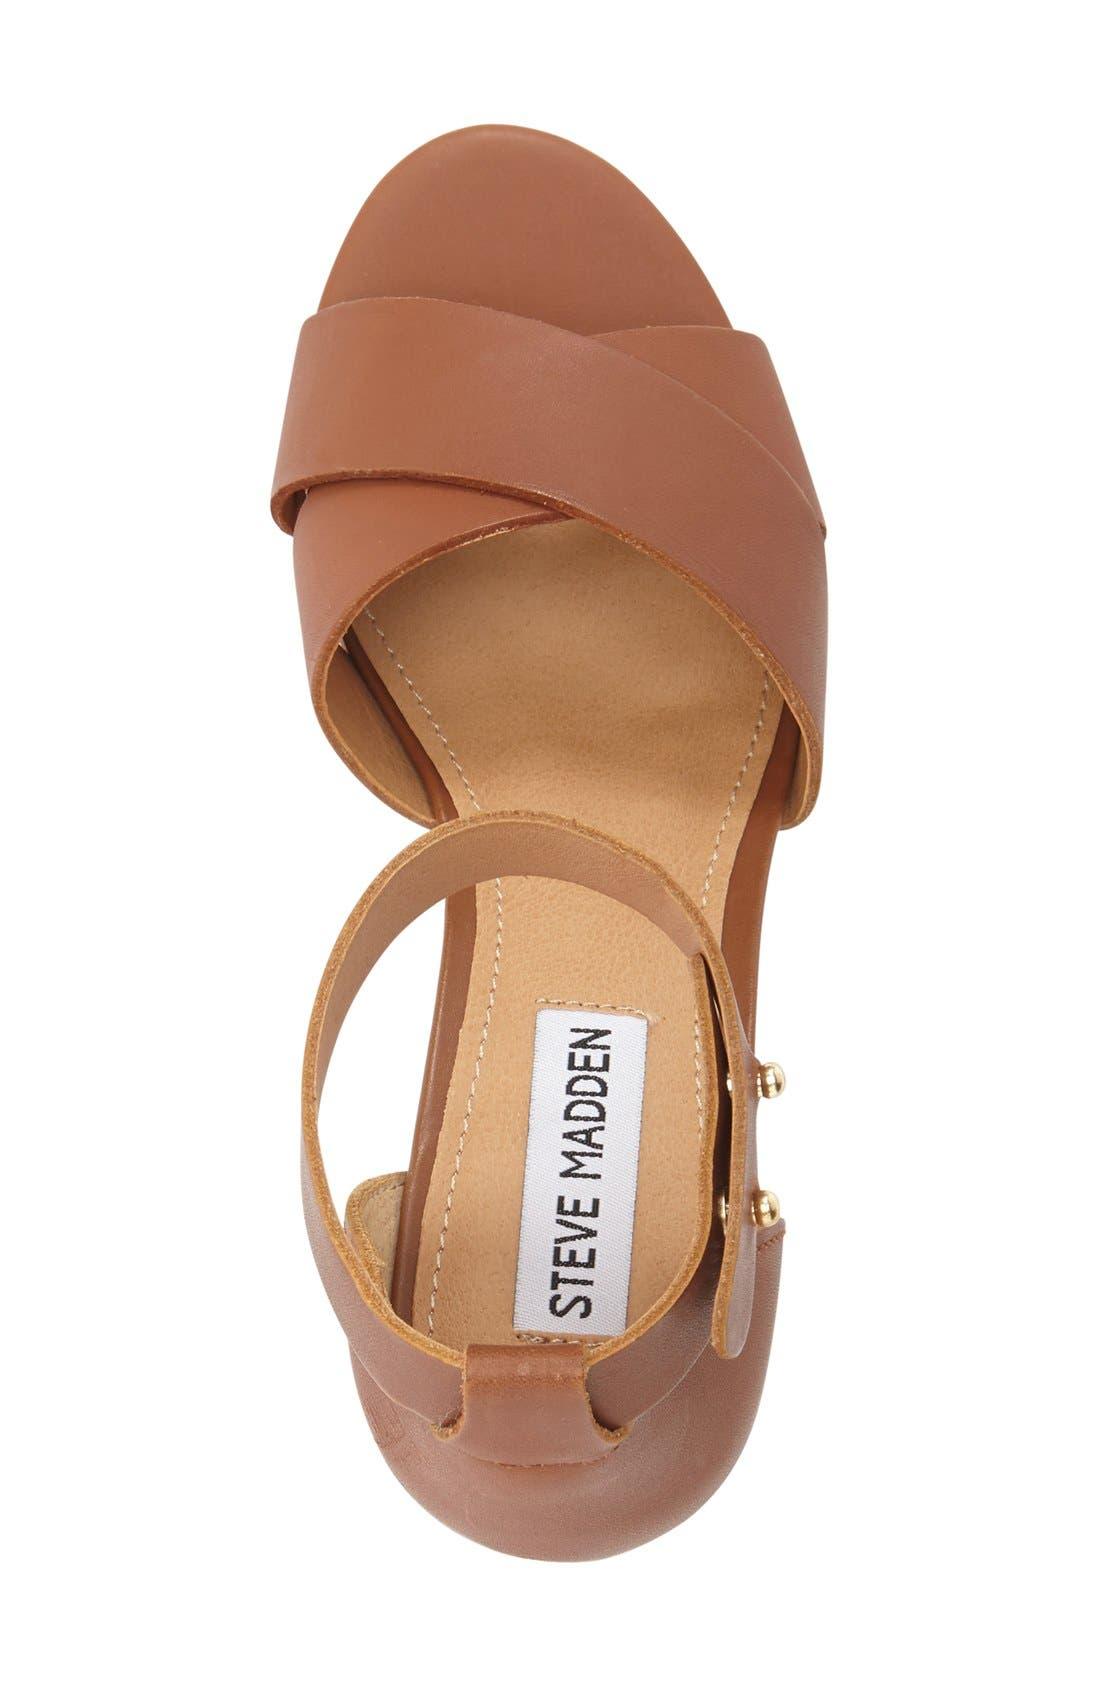 Alternate Image 3  - Steve Madden 'Nilla' Wedge Sandal (Women)